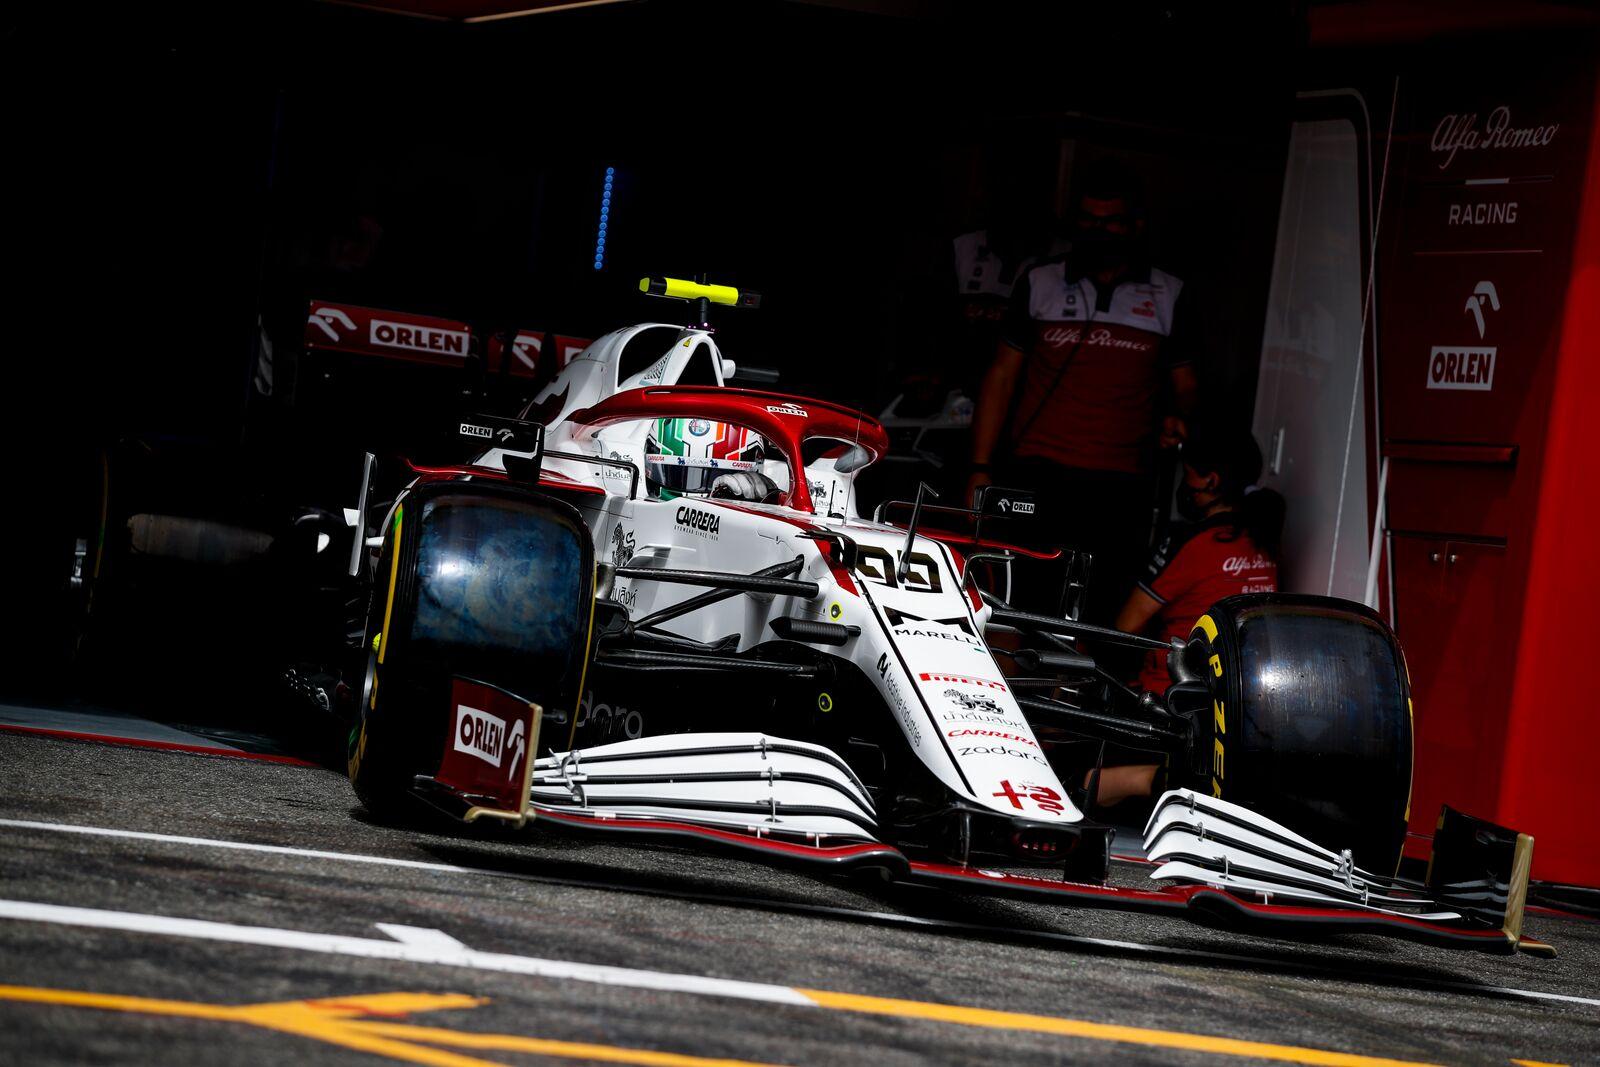 F1 - Alfa Romeo avec une livrée spéciale au Grand Prix de Styrie